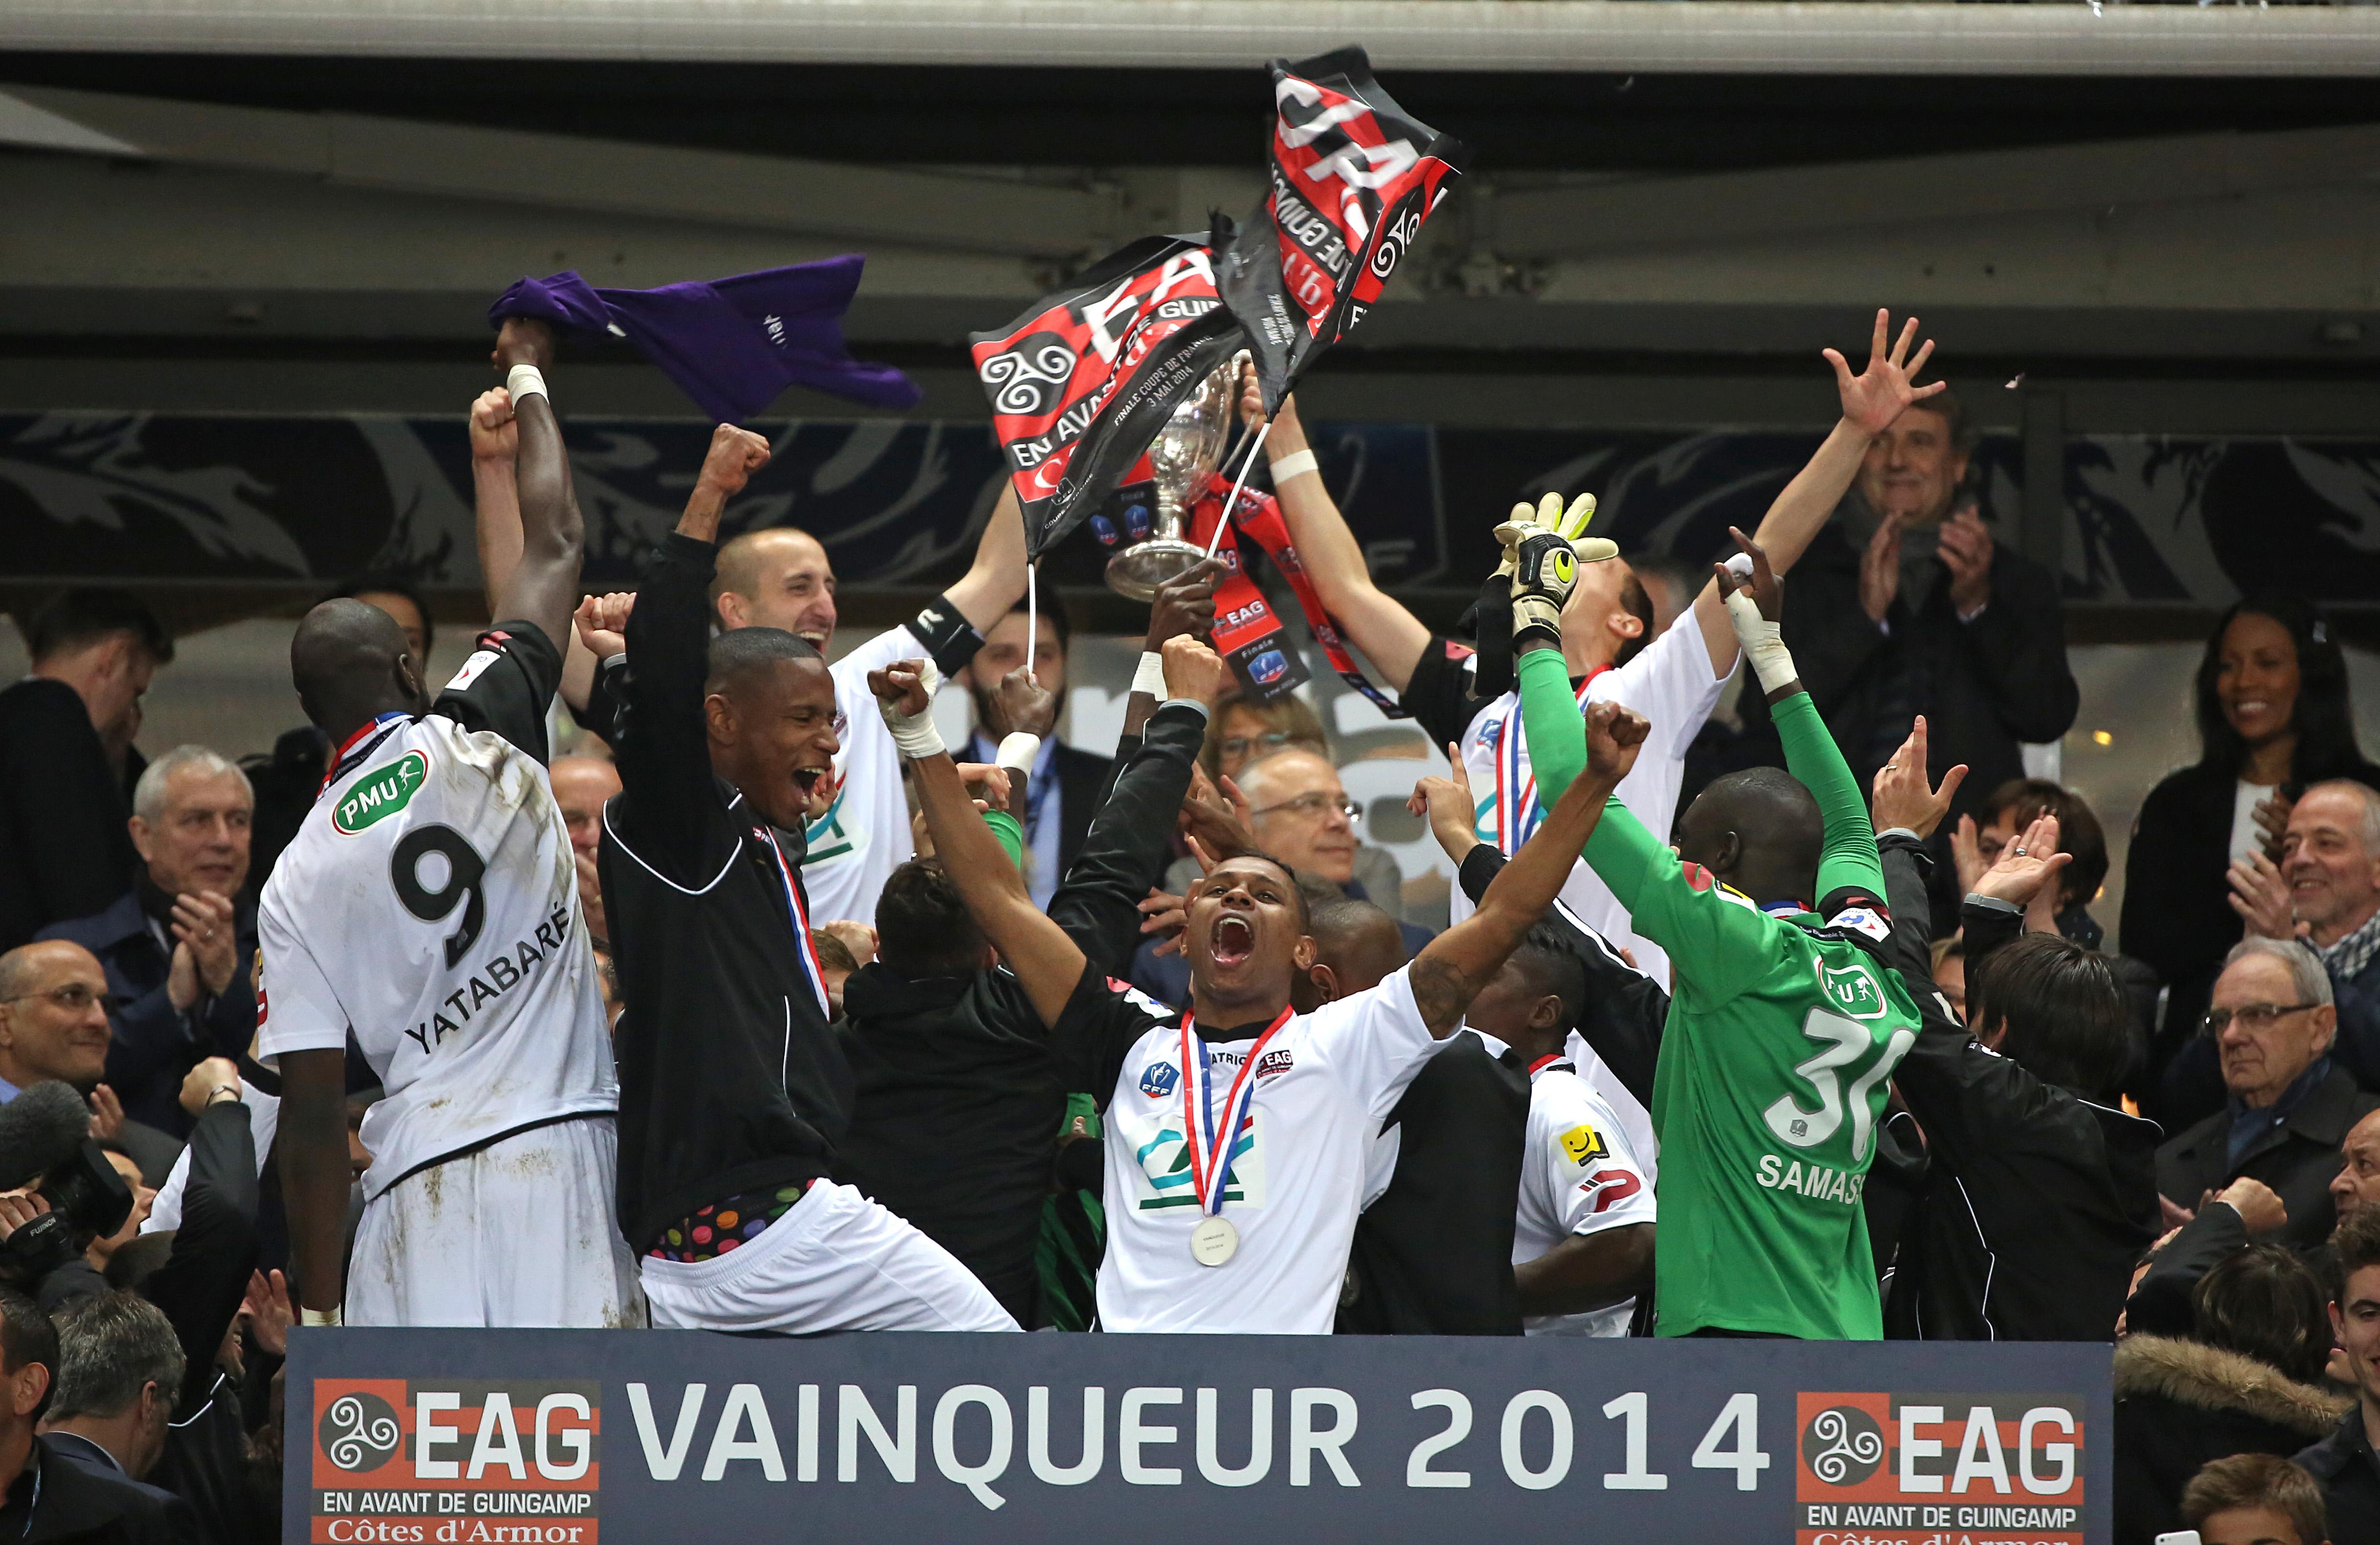 Генгам выиграл Кубок Франции